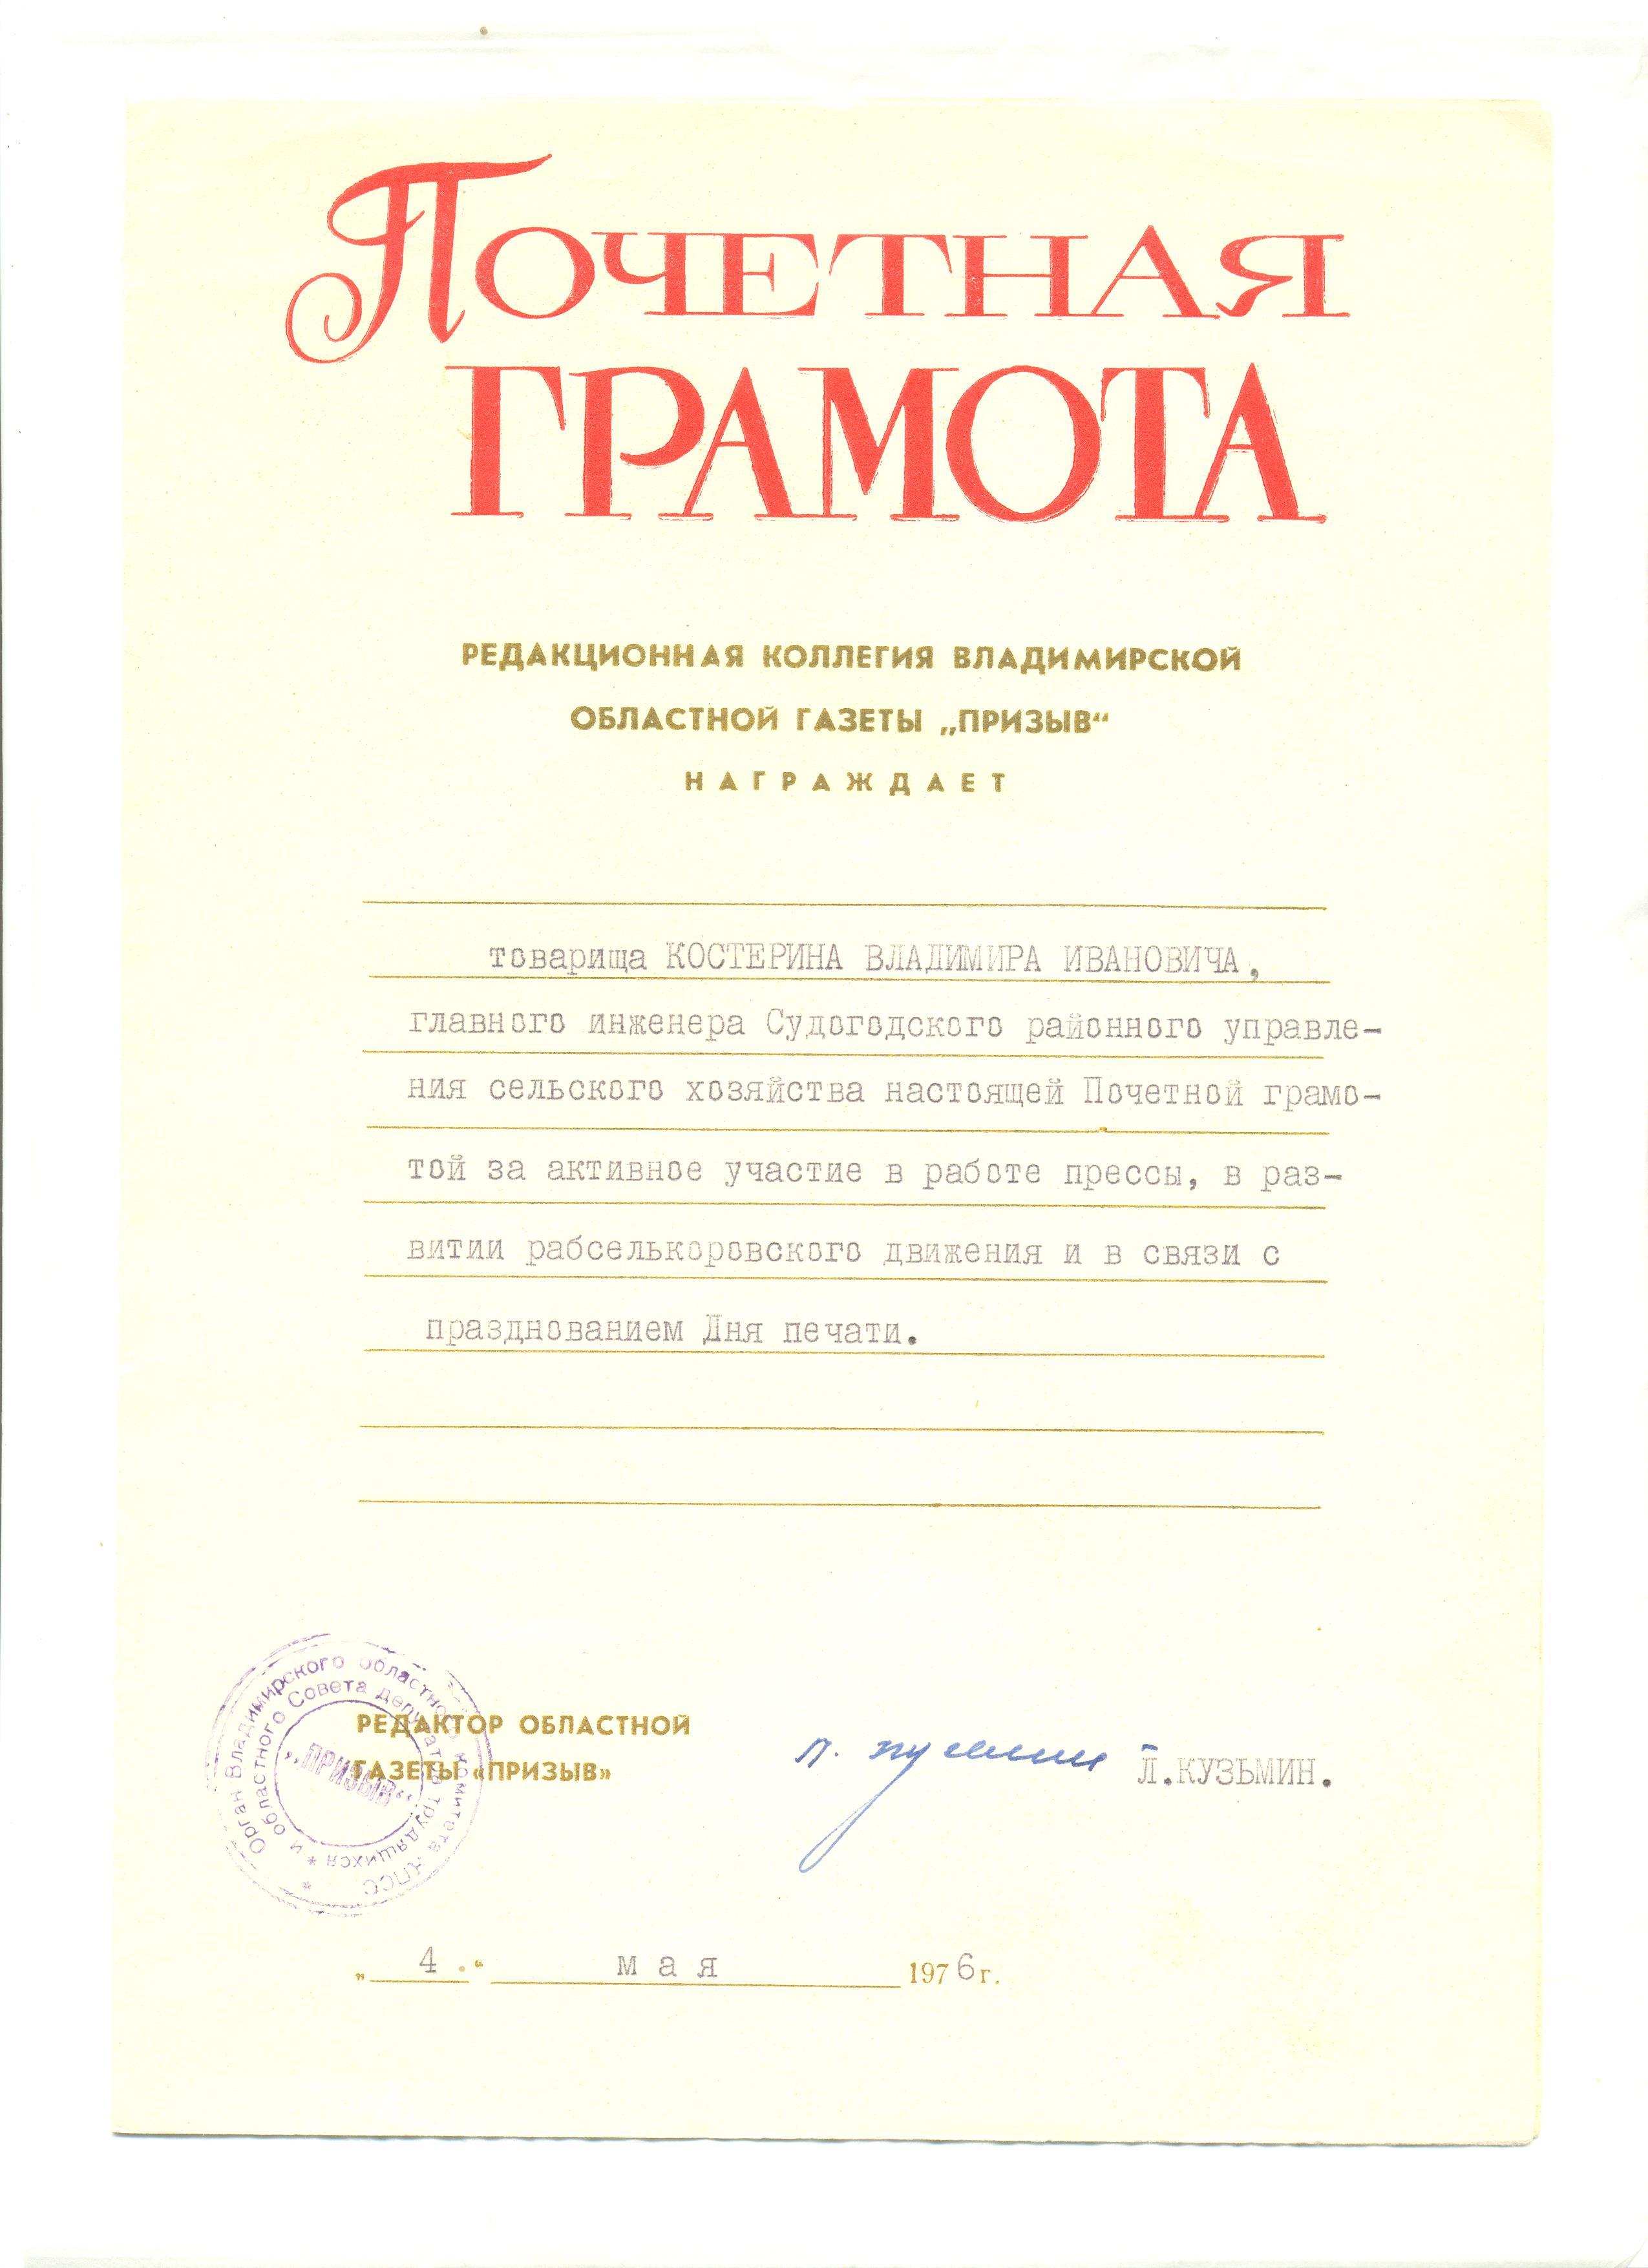 pochyotnayagramota001.jpg